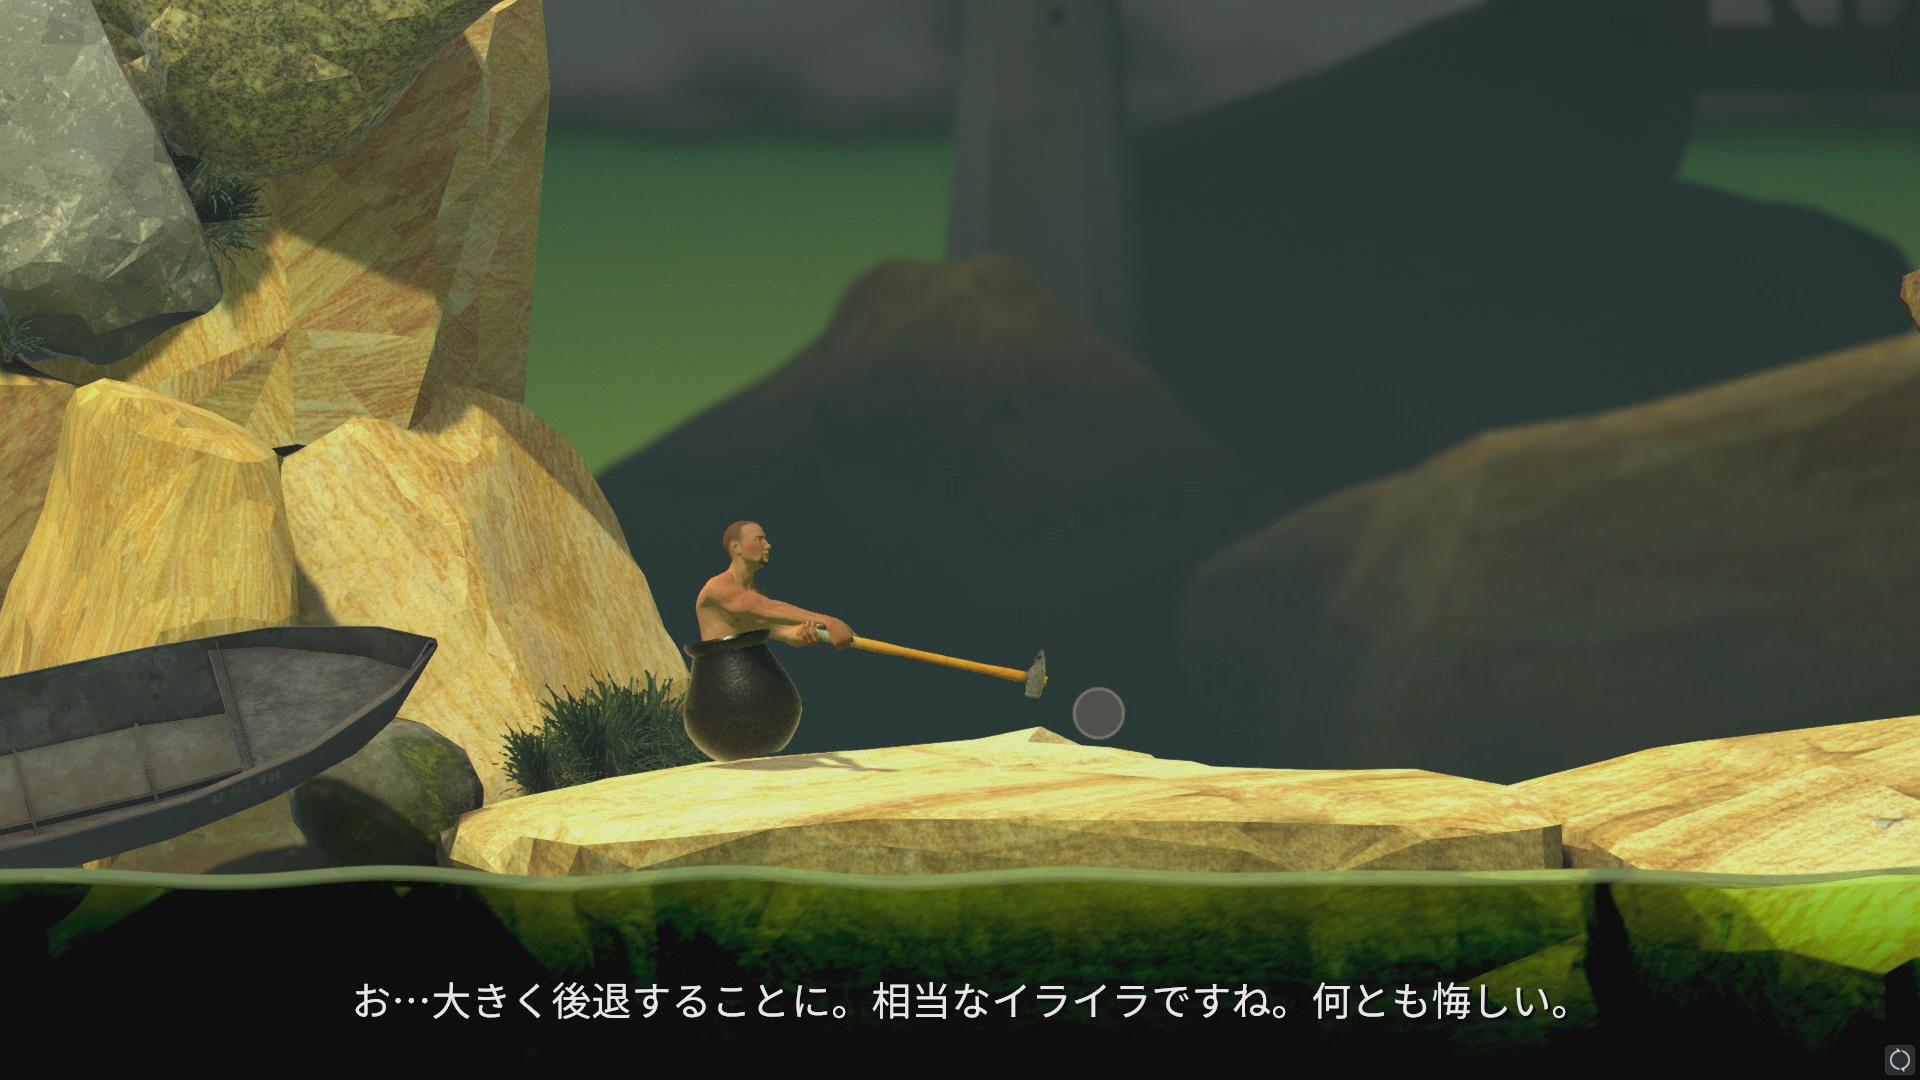 画面下部には定期的に製作者からのメッセージが表示される。序盤では落下を繰り返す筆者のプレイに対して、慰めのメッセージが表示された